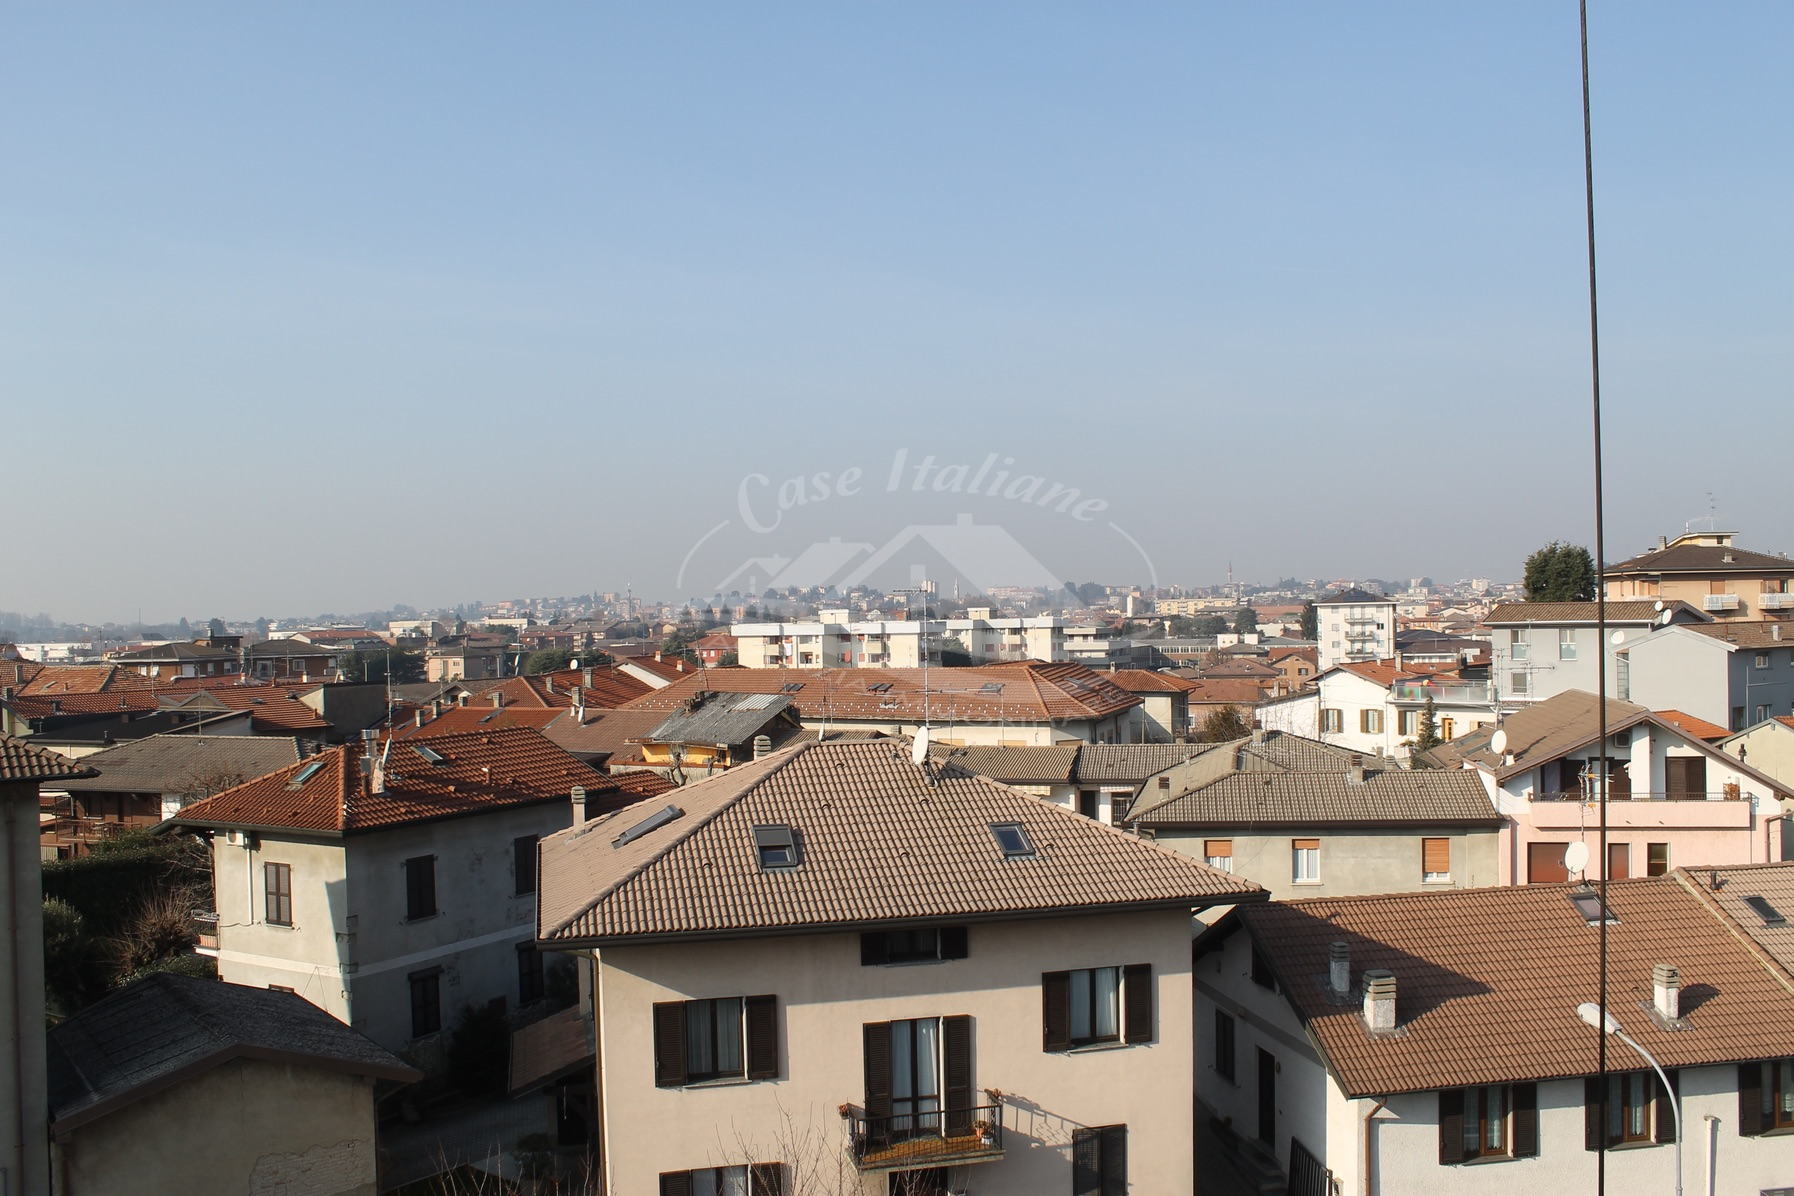 Img 0342 case italiane agenzia immobiliare cant for Case italiane immobiliare